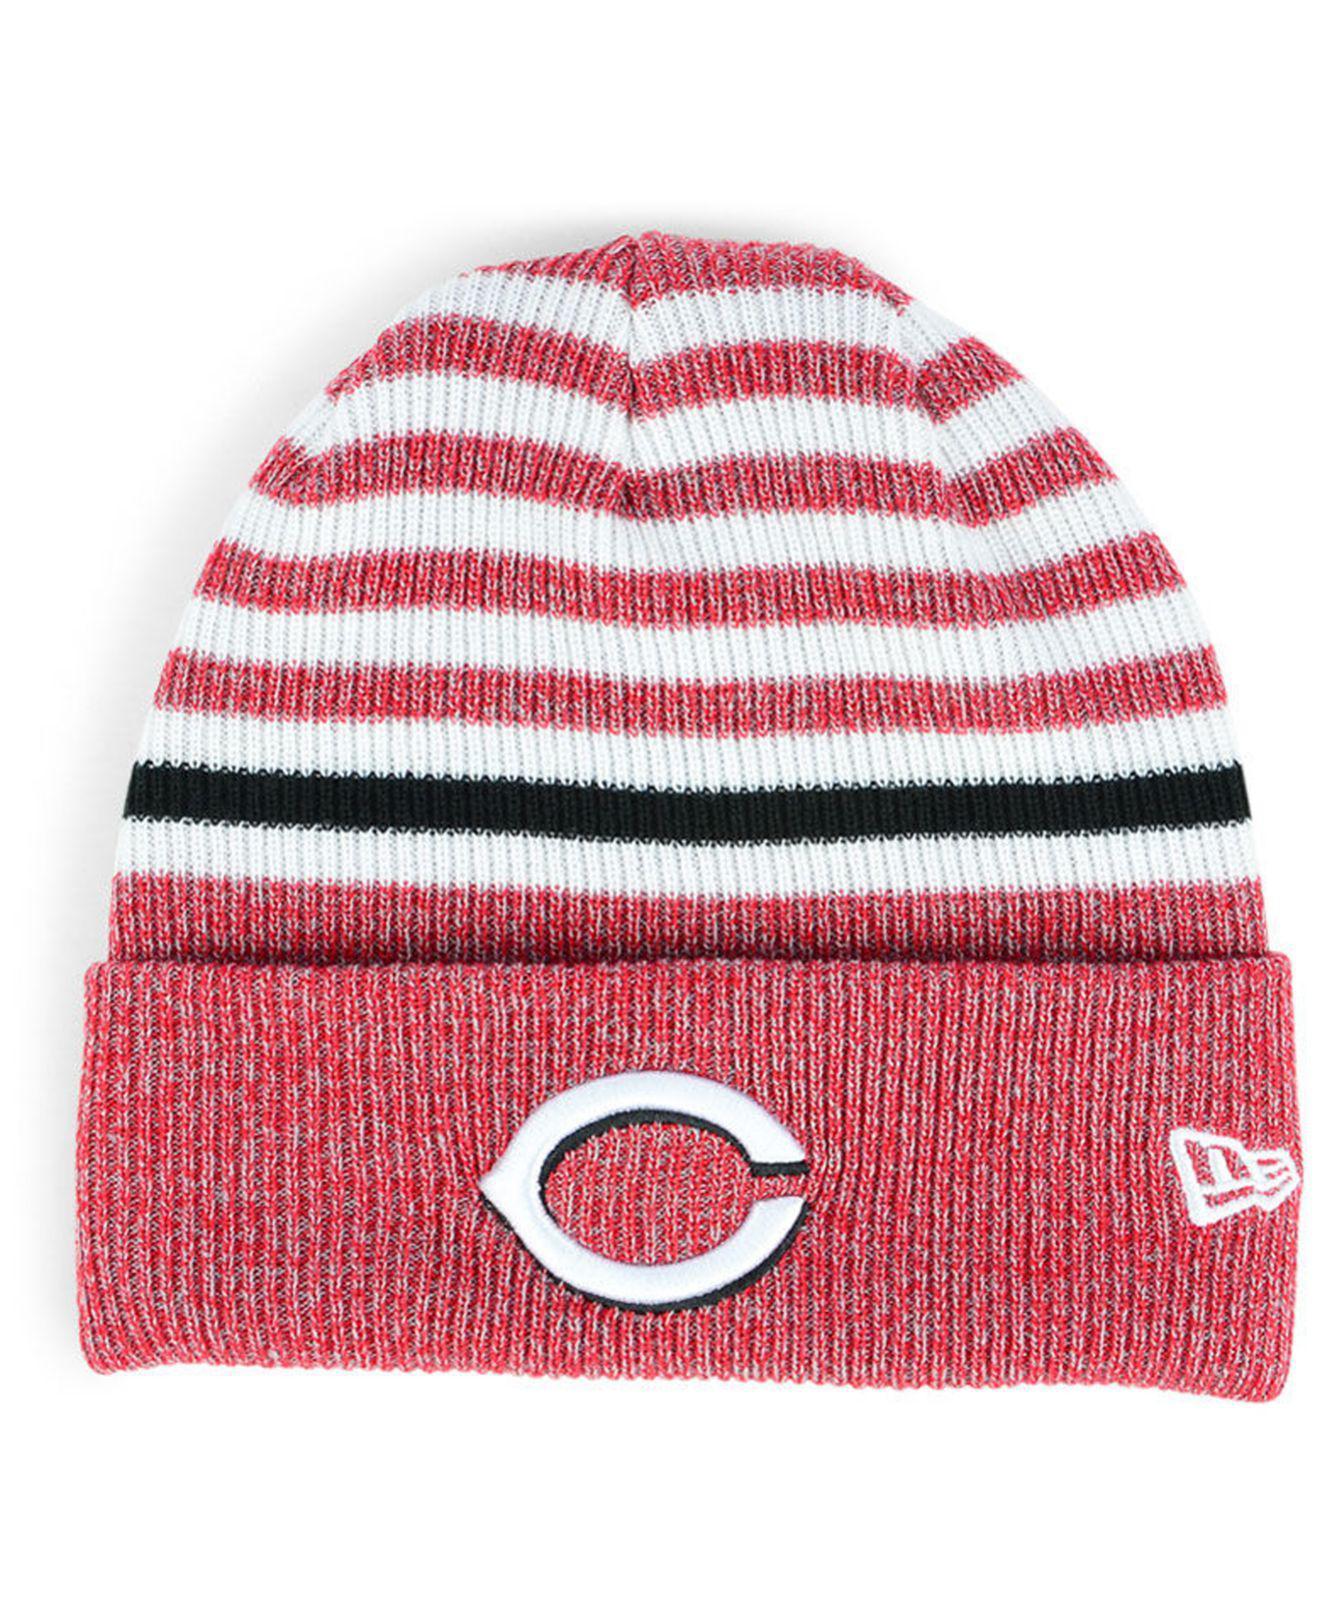 new arrival c3799 d96b7 ... clearance ktz. womens cincinnati reds striped cuff knit hat 12d73 a49dc